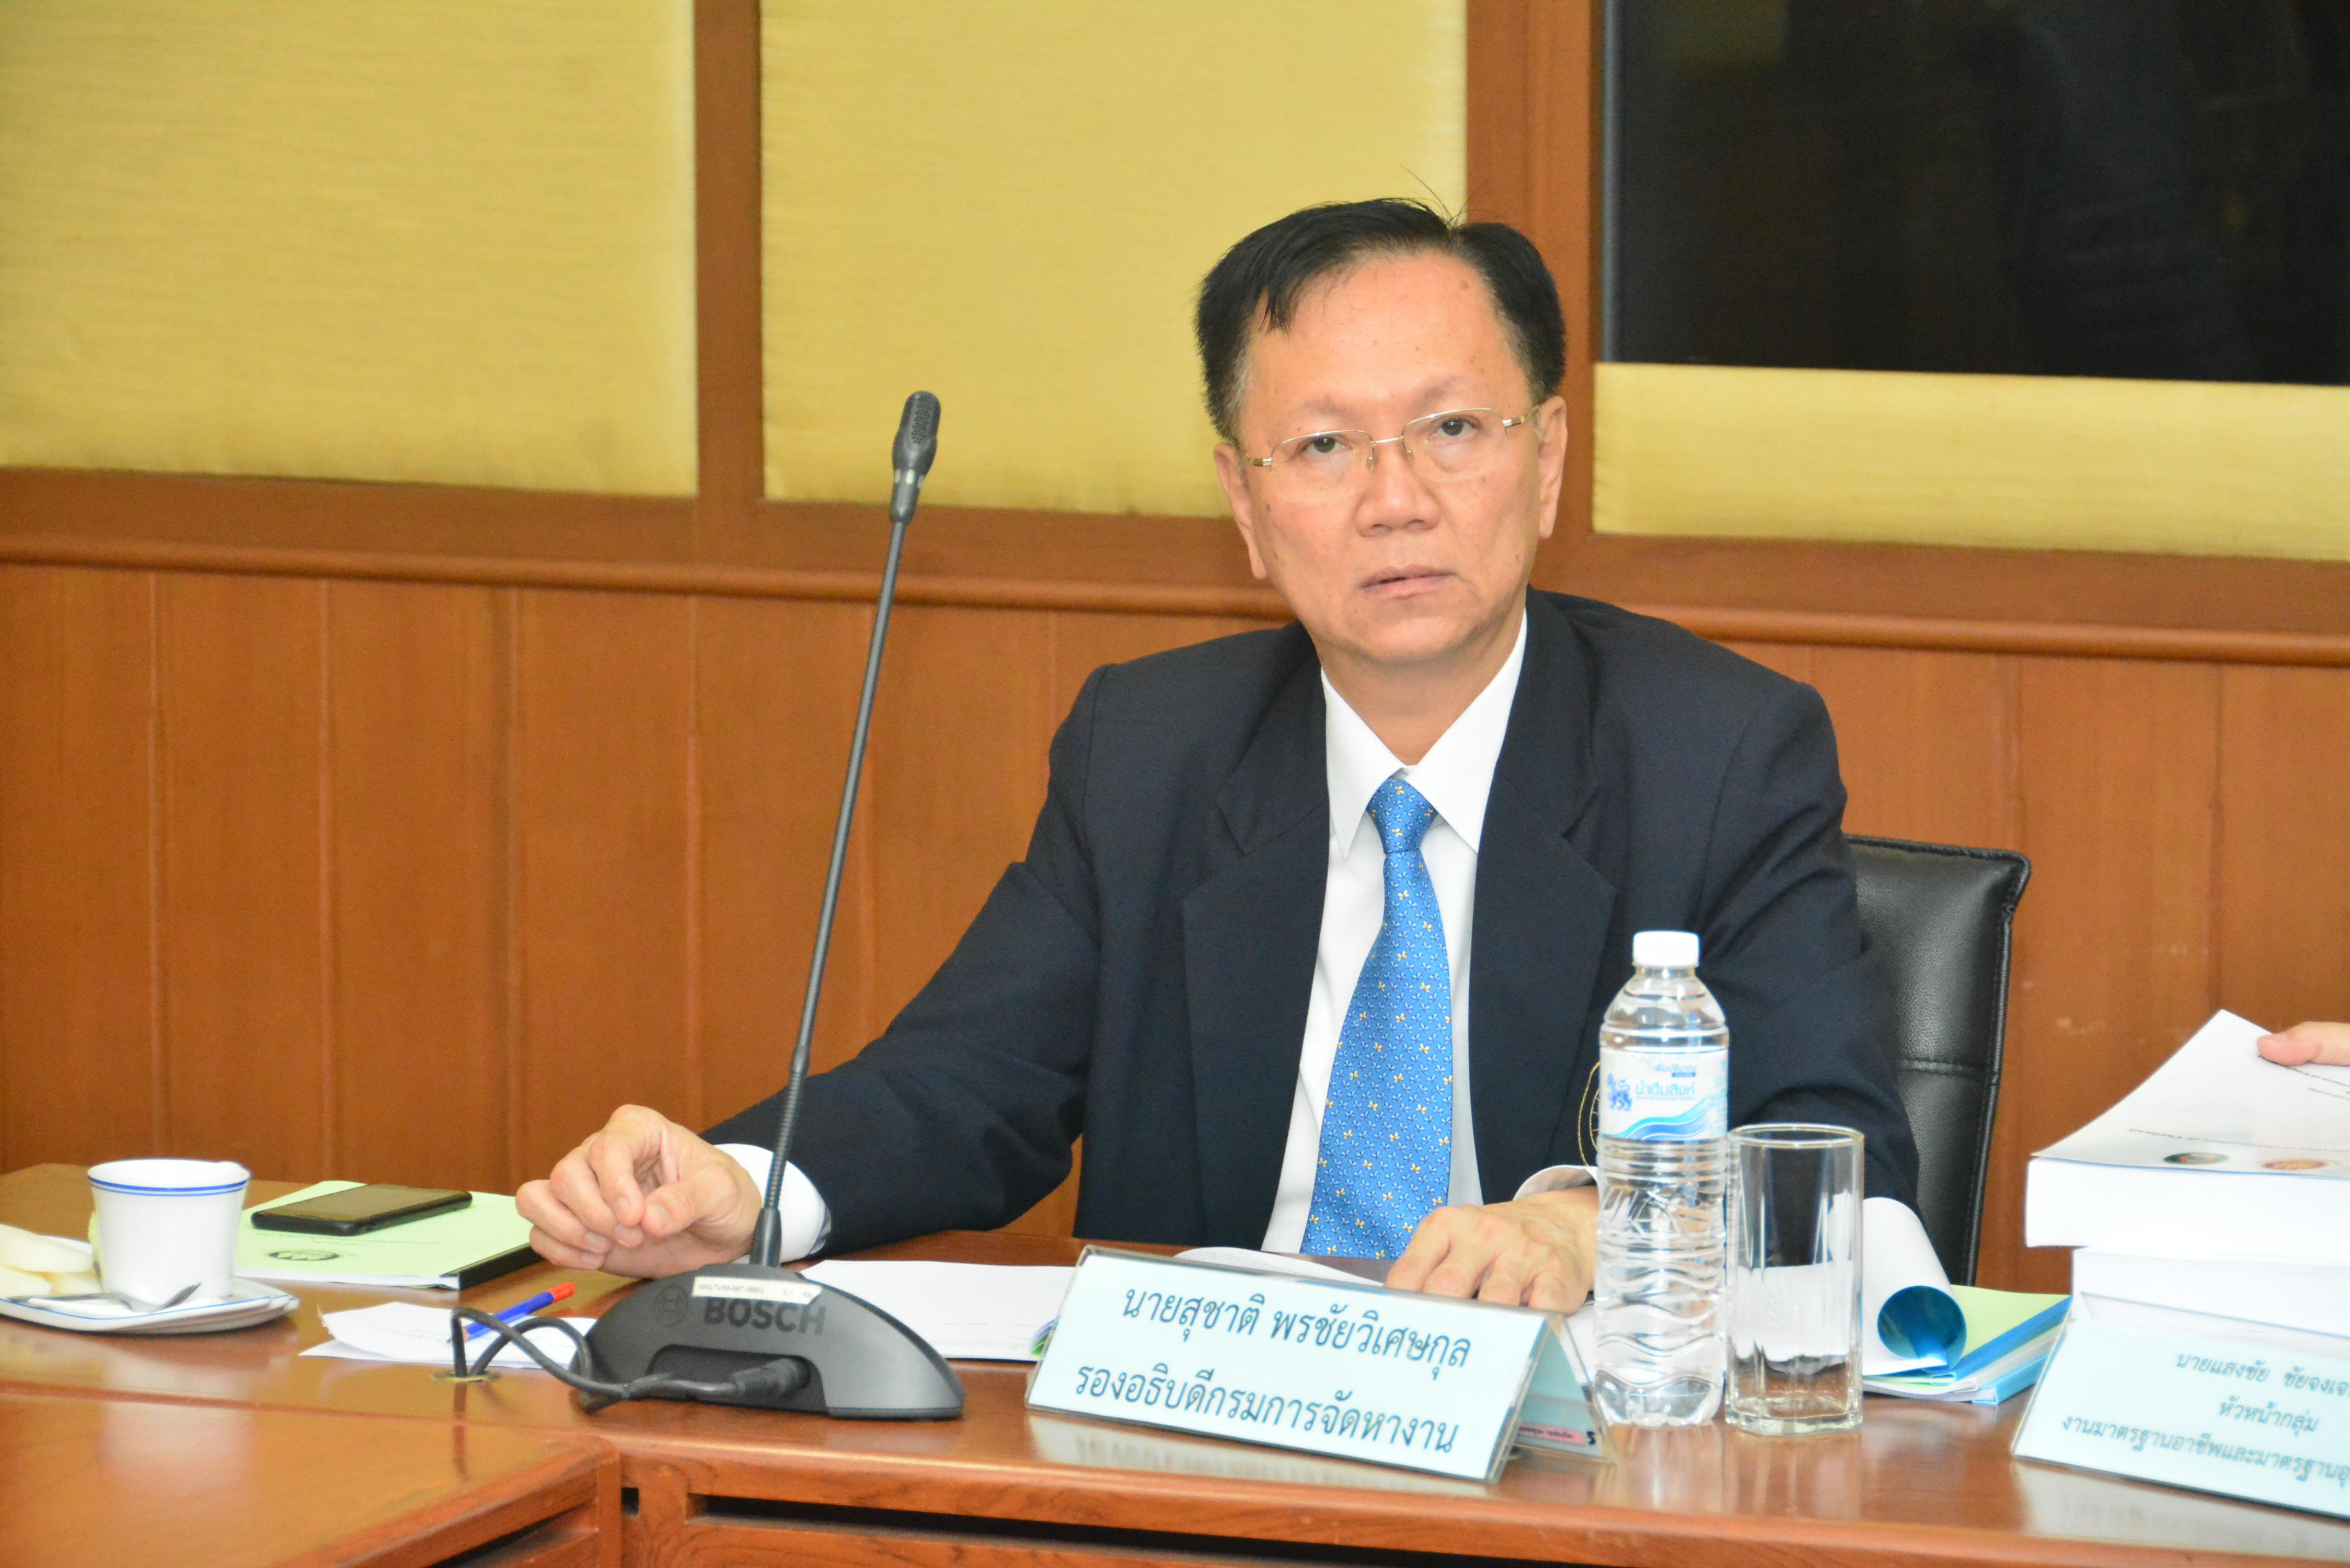 การประชุมคณะกรรมการที่ปรึกษาเพื่อปรับปรุงการจัดประเภทมาตรฐานอาชีพ  และอุตสาหกรรม ครั้งที่ 3/2561